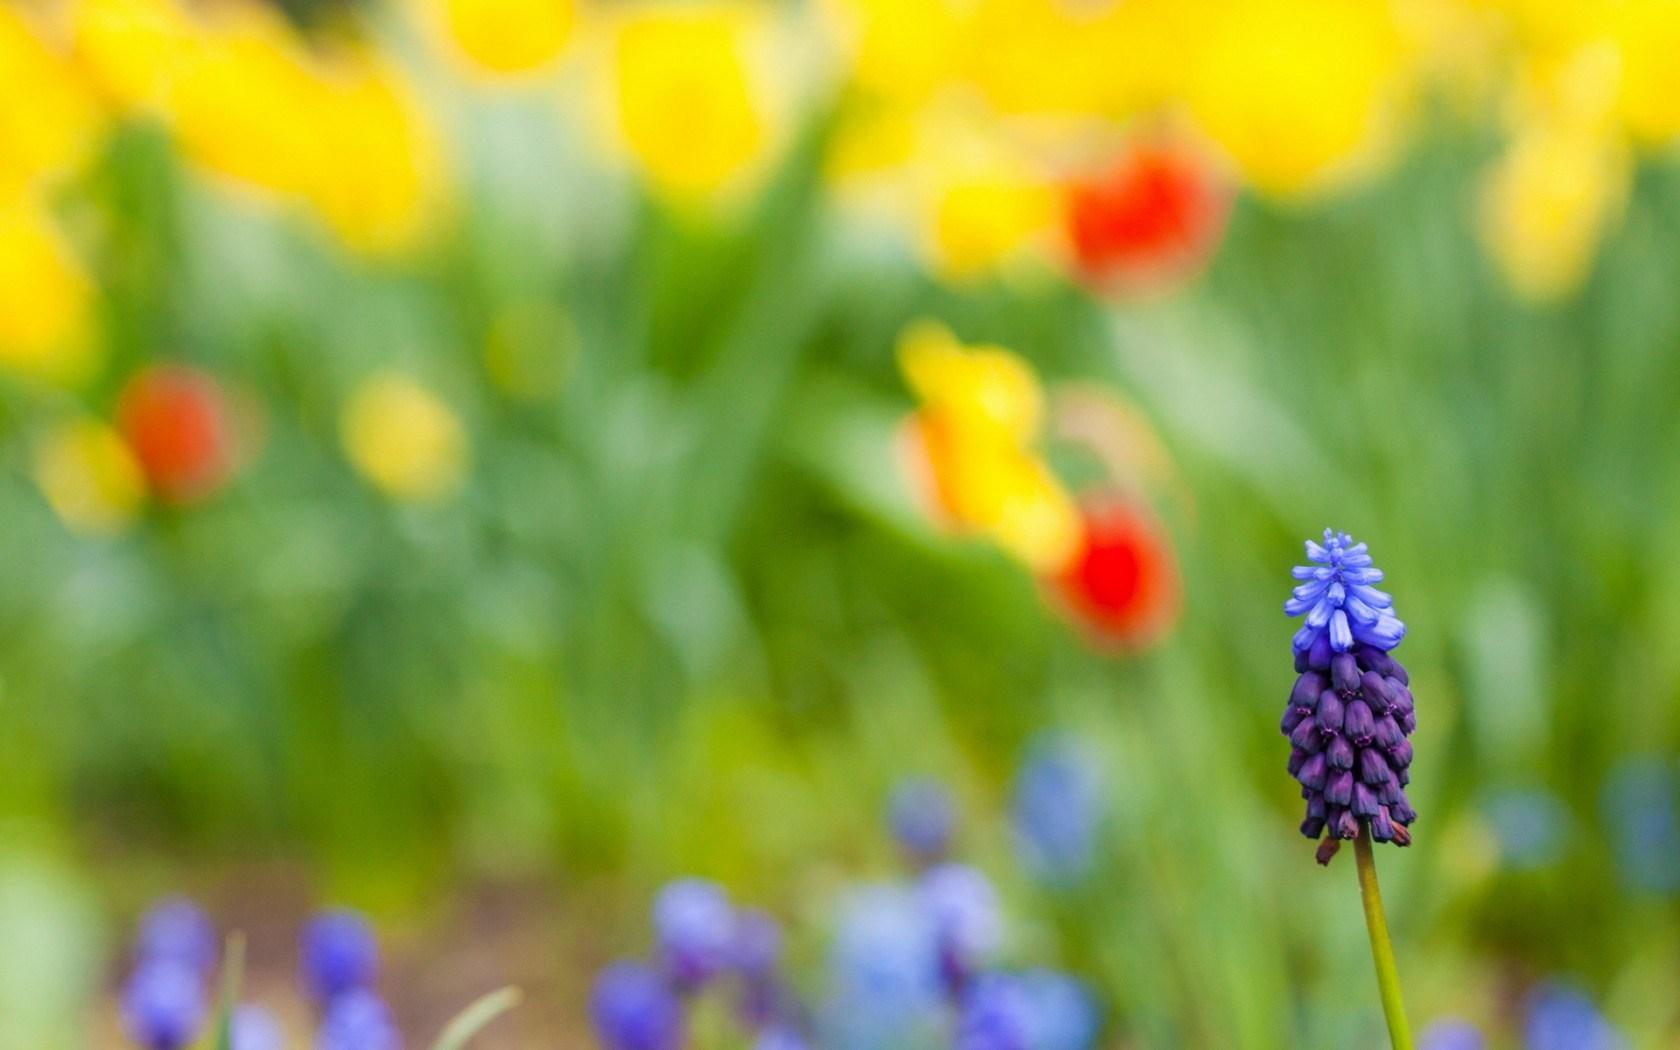 Field Summer Flower Nature